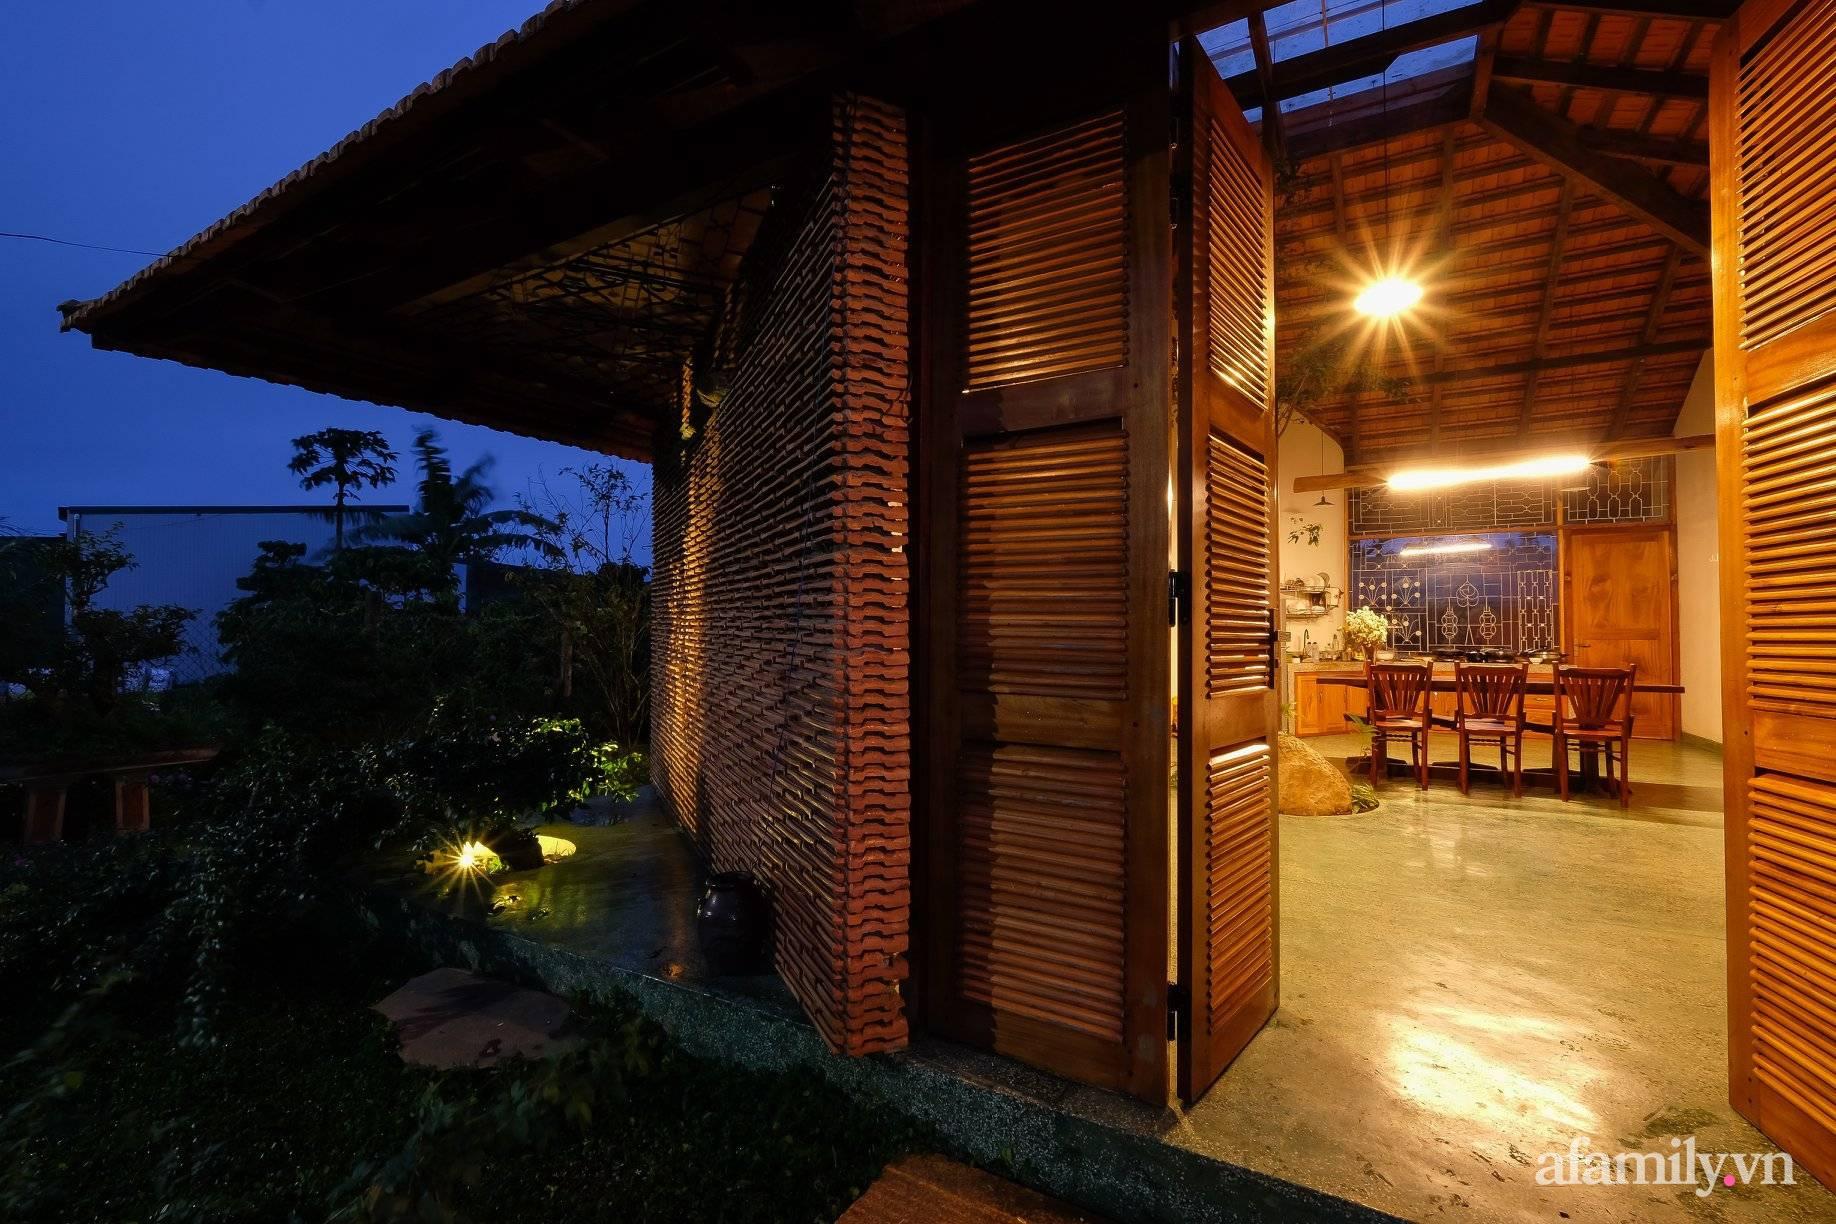 Nhà cấp 4 mái ngói đỏ tươi ấm cúng và hạnh phúc của cặp vợ chồng giáo viên ở Lâm Đồng - Ảnh 3.